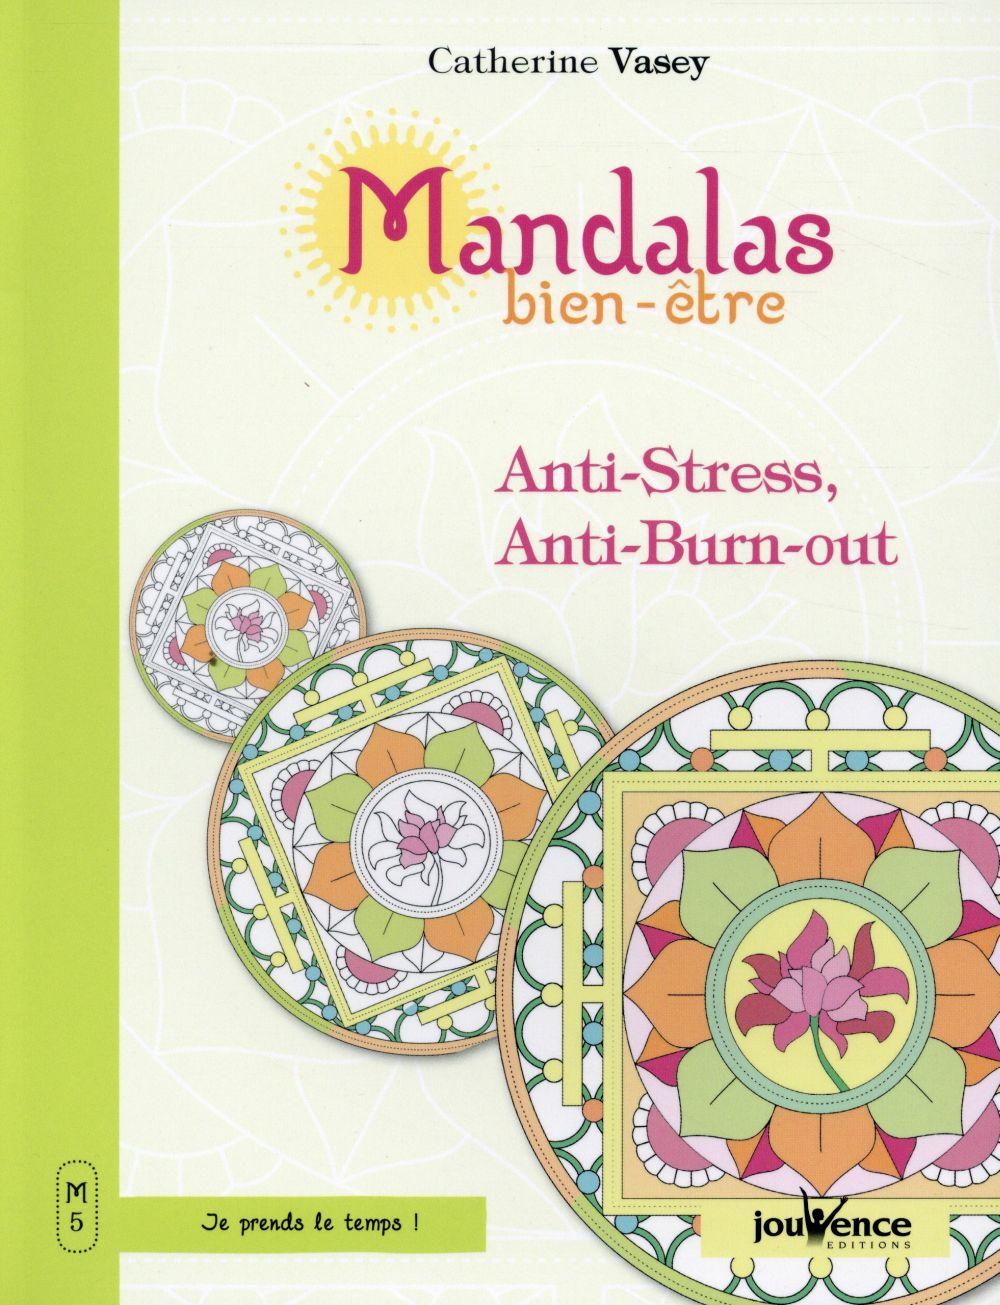 MANDALAS BIEN-ETRE ANTI-STRESS ANTI-BURN-OUT